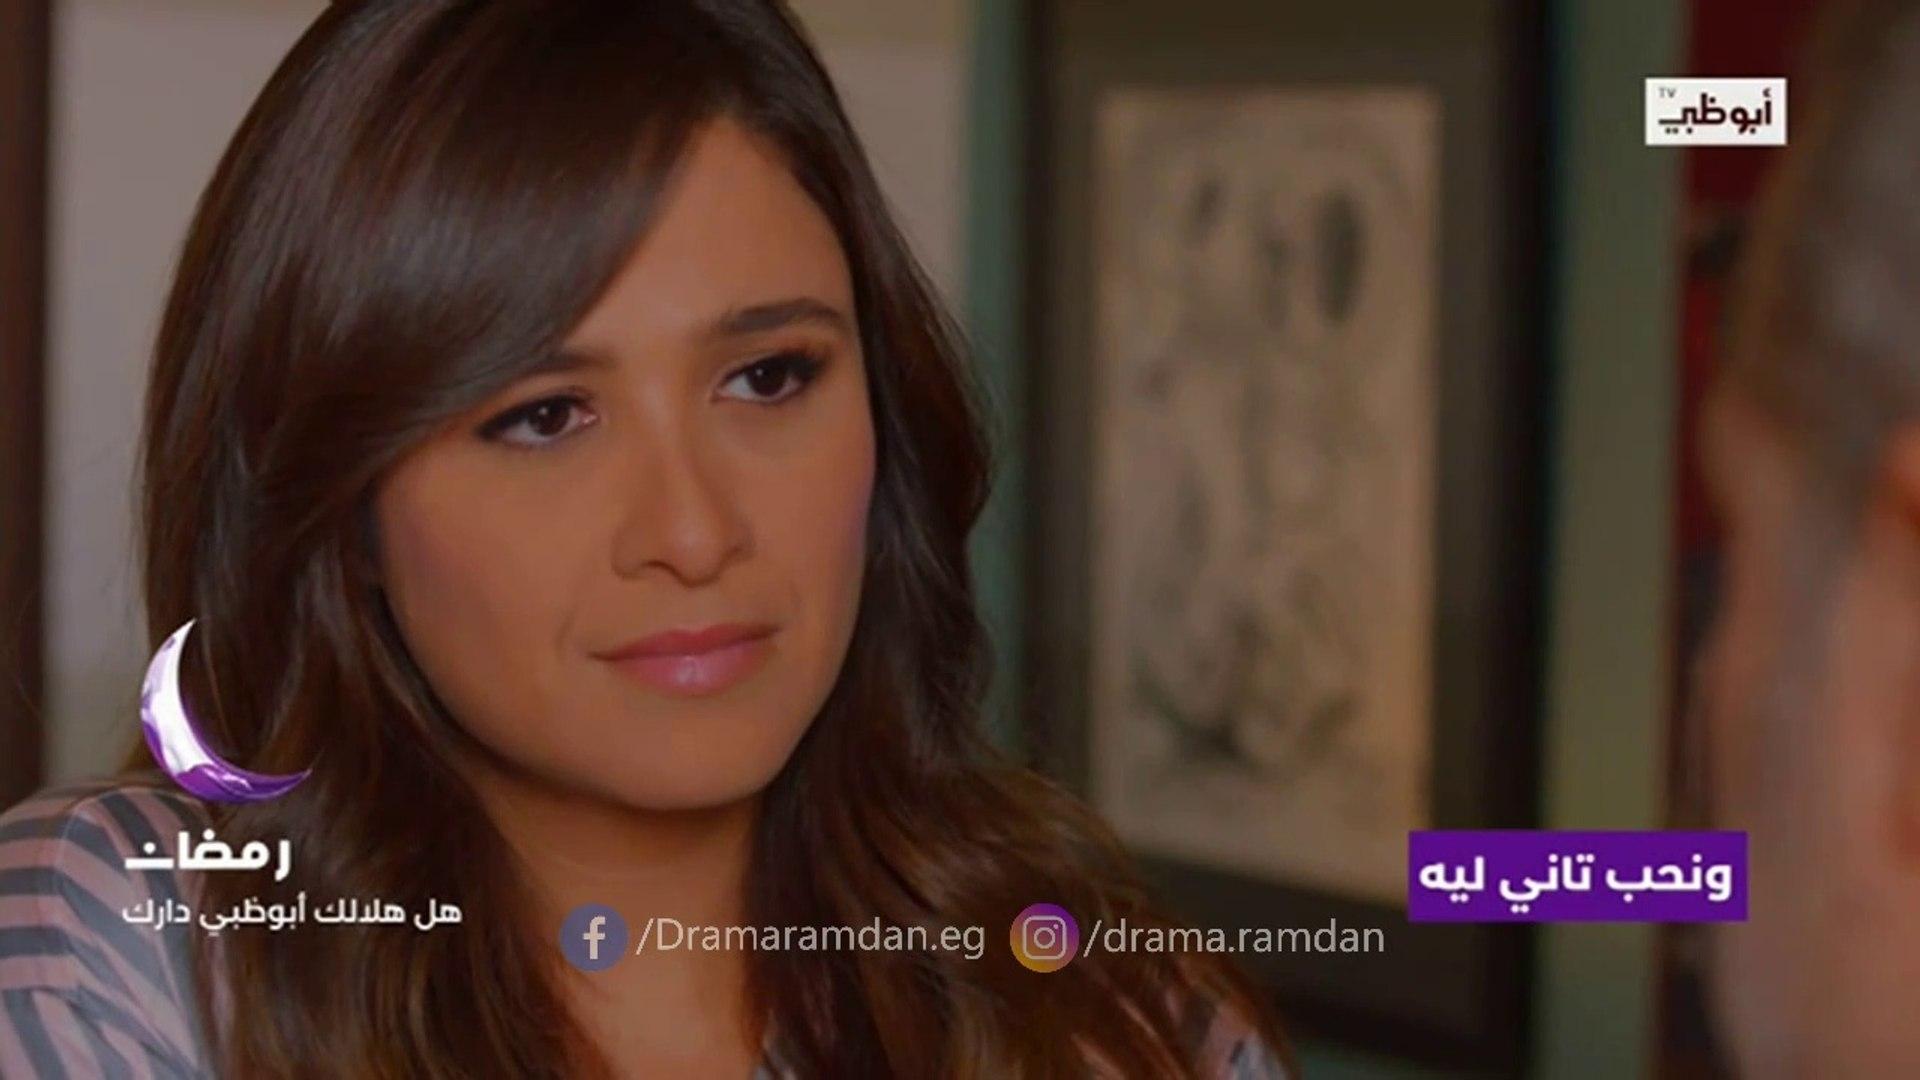 برومو مسلسل ونحب تاني ليه - ياسمين عبد العزيز - علي قناة أبوظبي - رمضان 2020